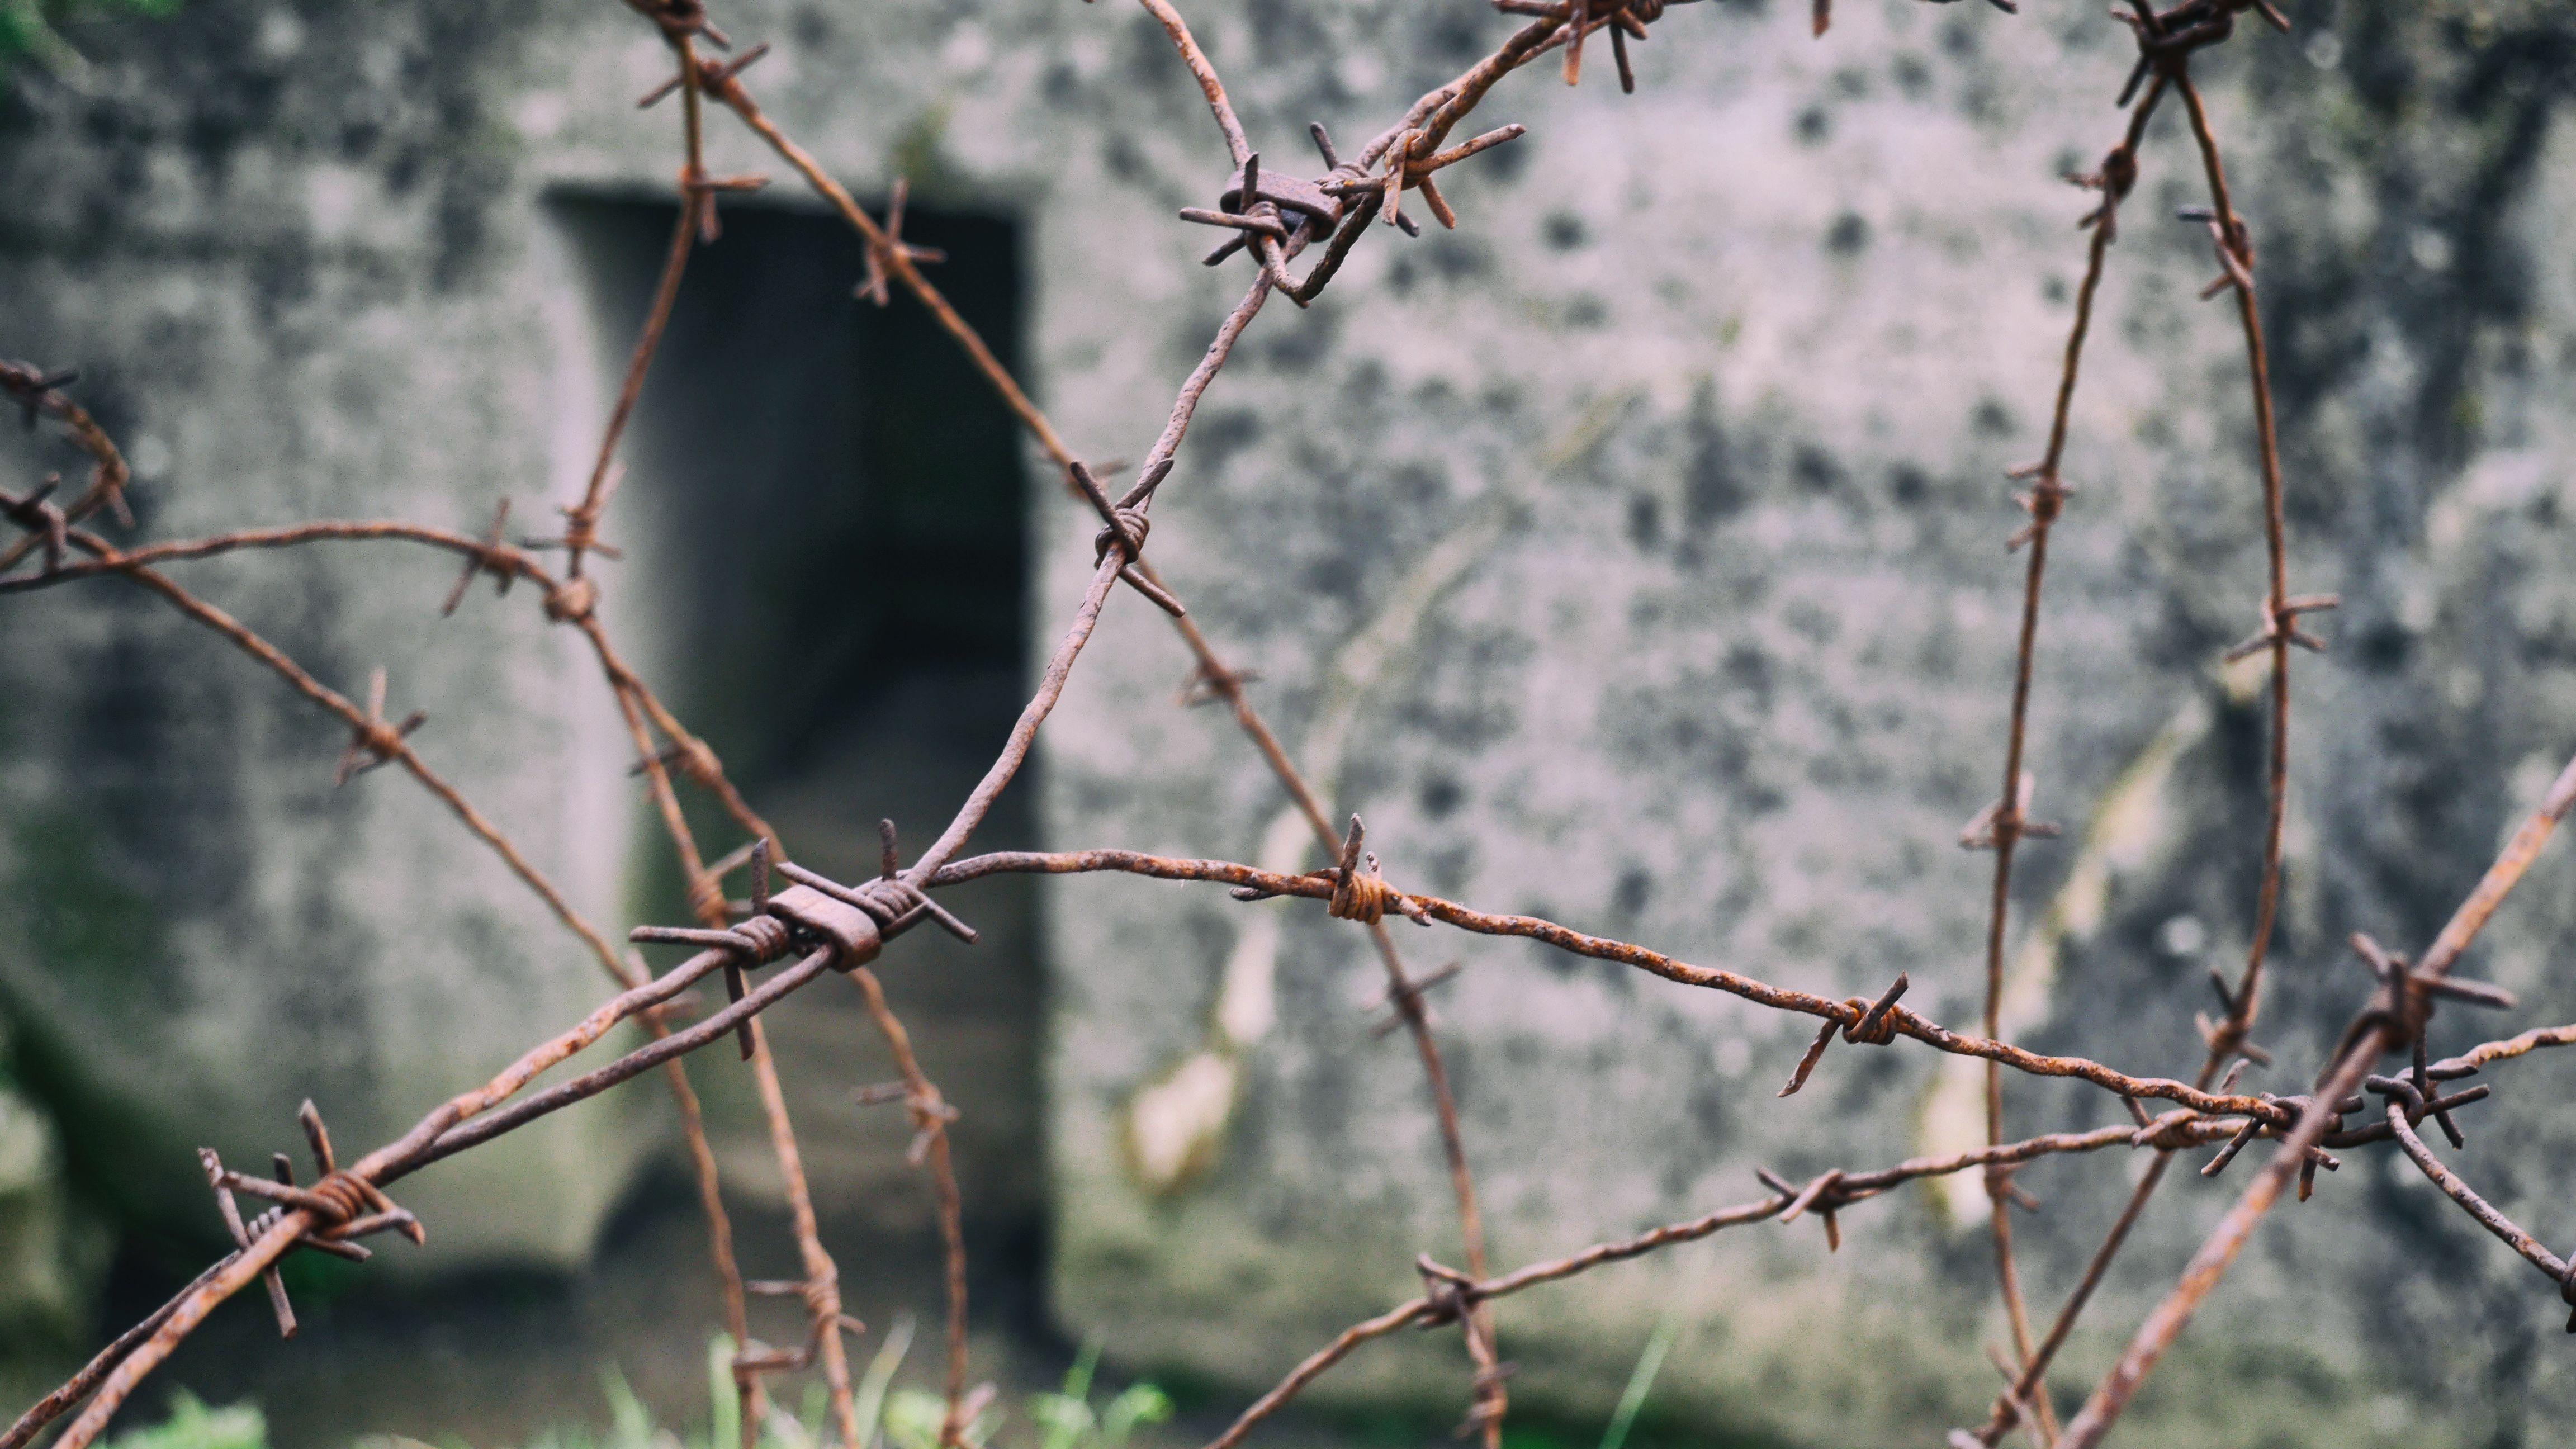 Pointe du Lac Nazi bunker